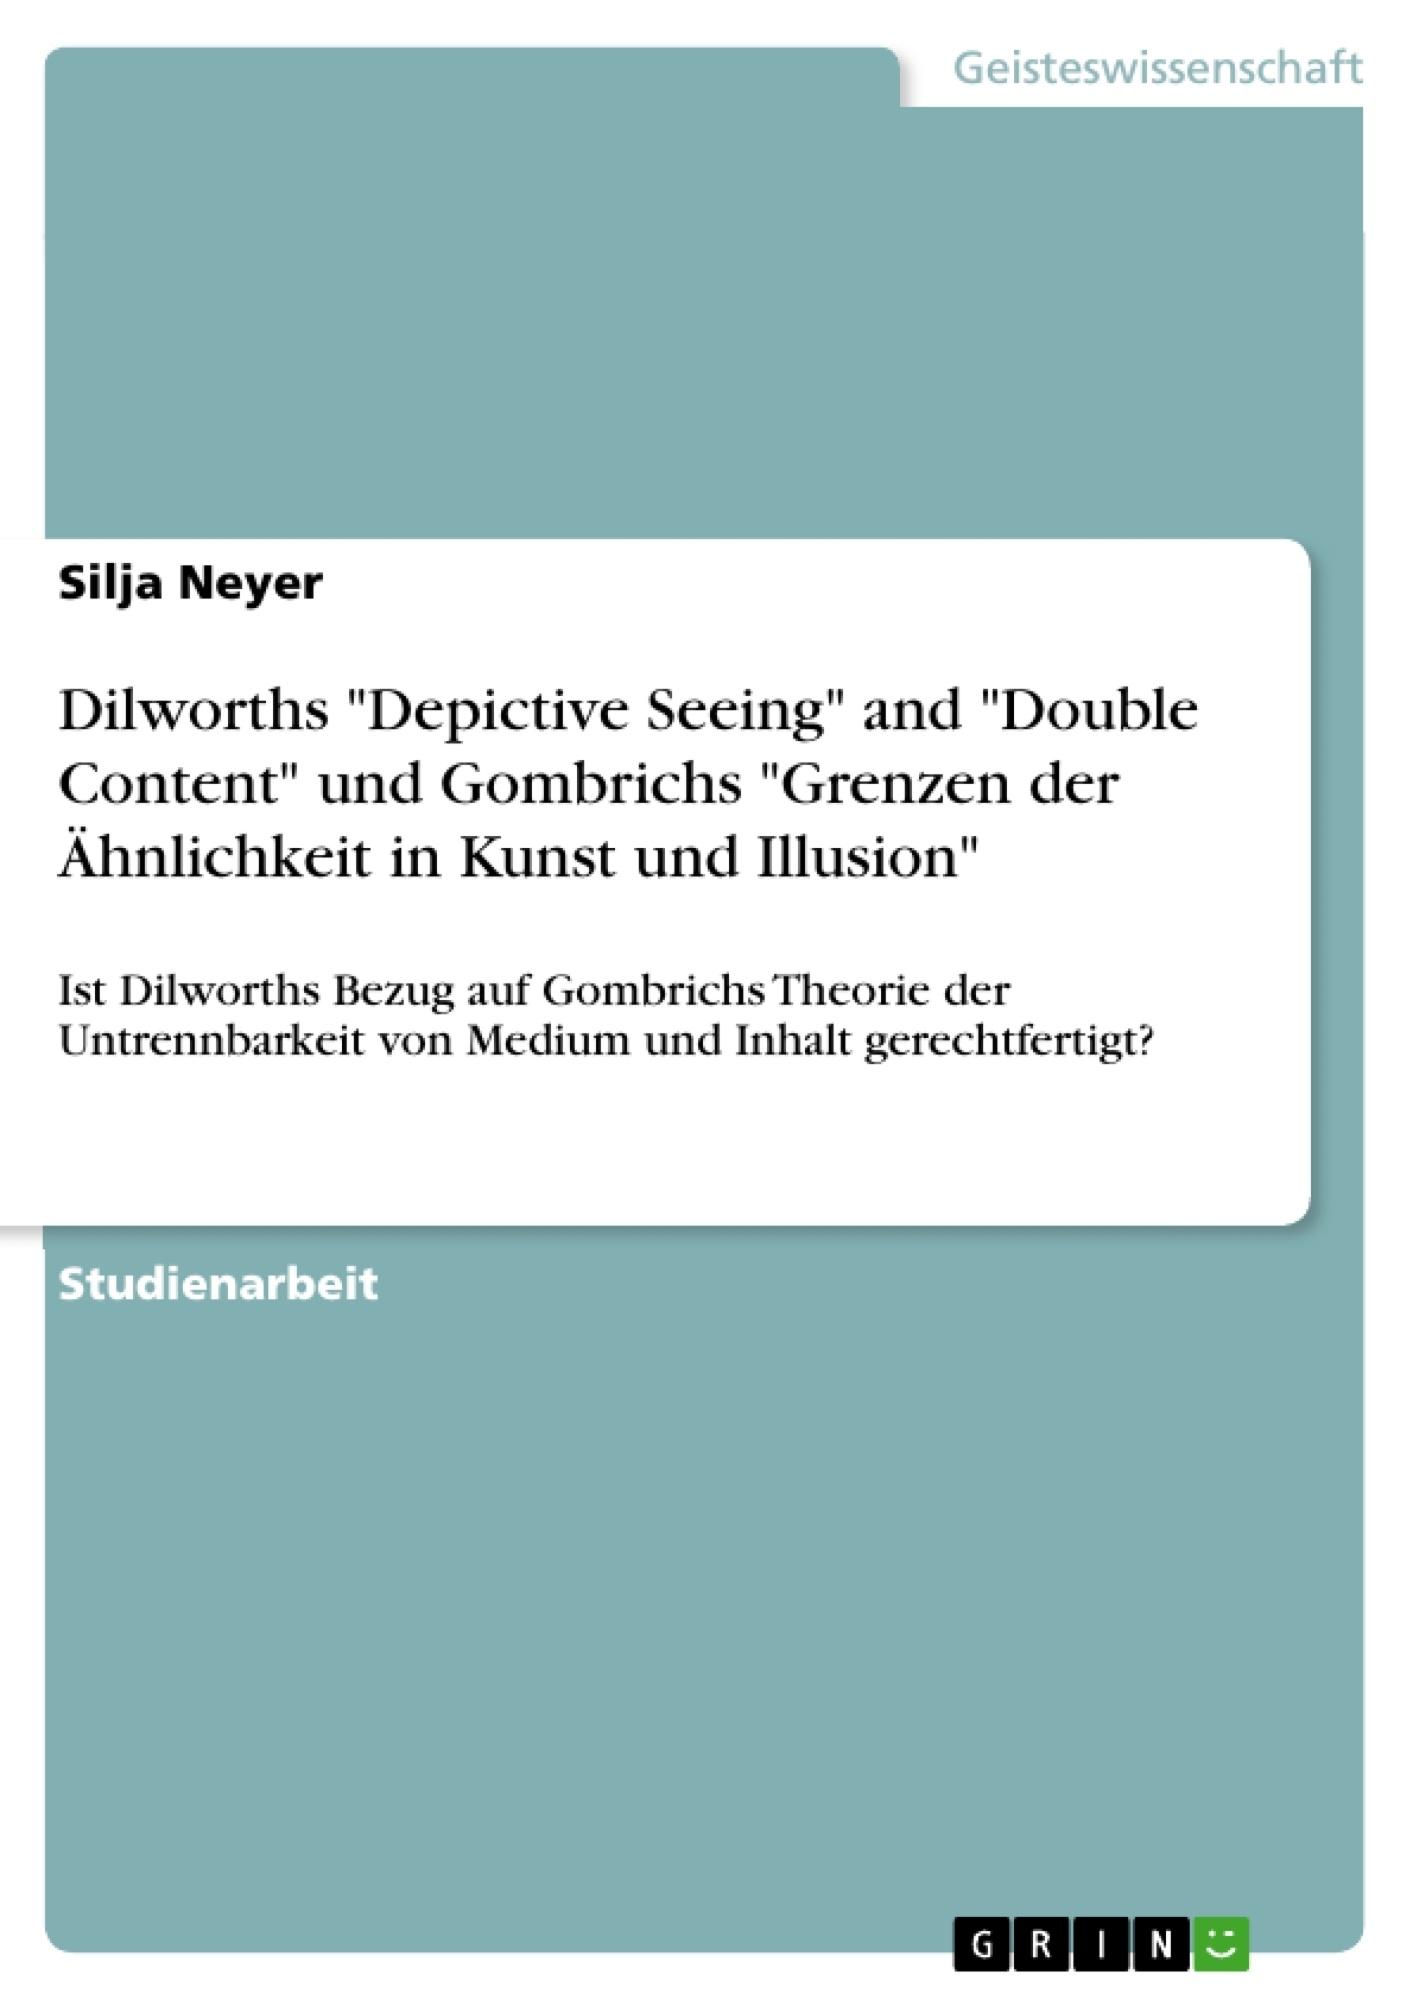 """Titel: Dilworths """"Depictive Seeing"""" and """"Double Content"""" und Gombrichs """"Grenzen der Ähnlichkeit in Kunst und Illusion"""""""